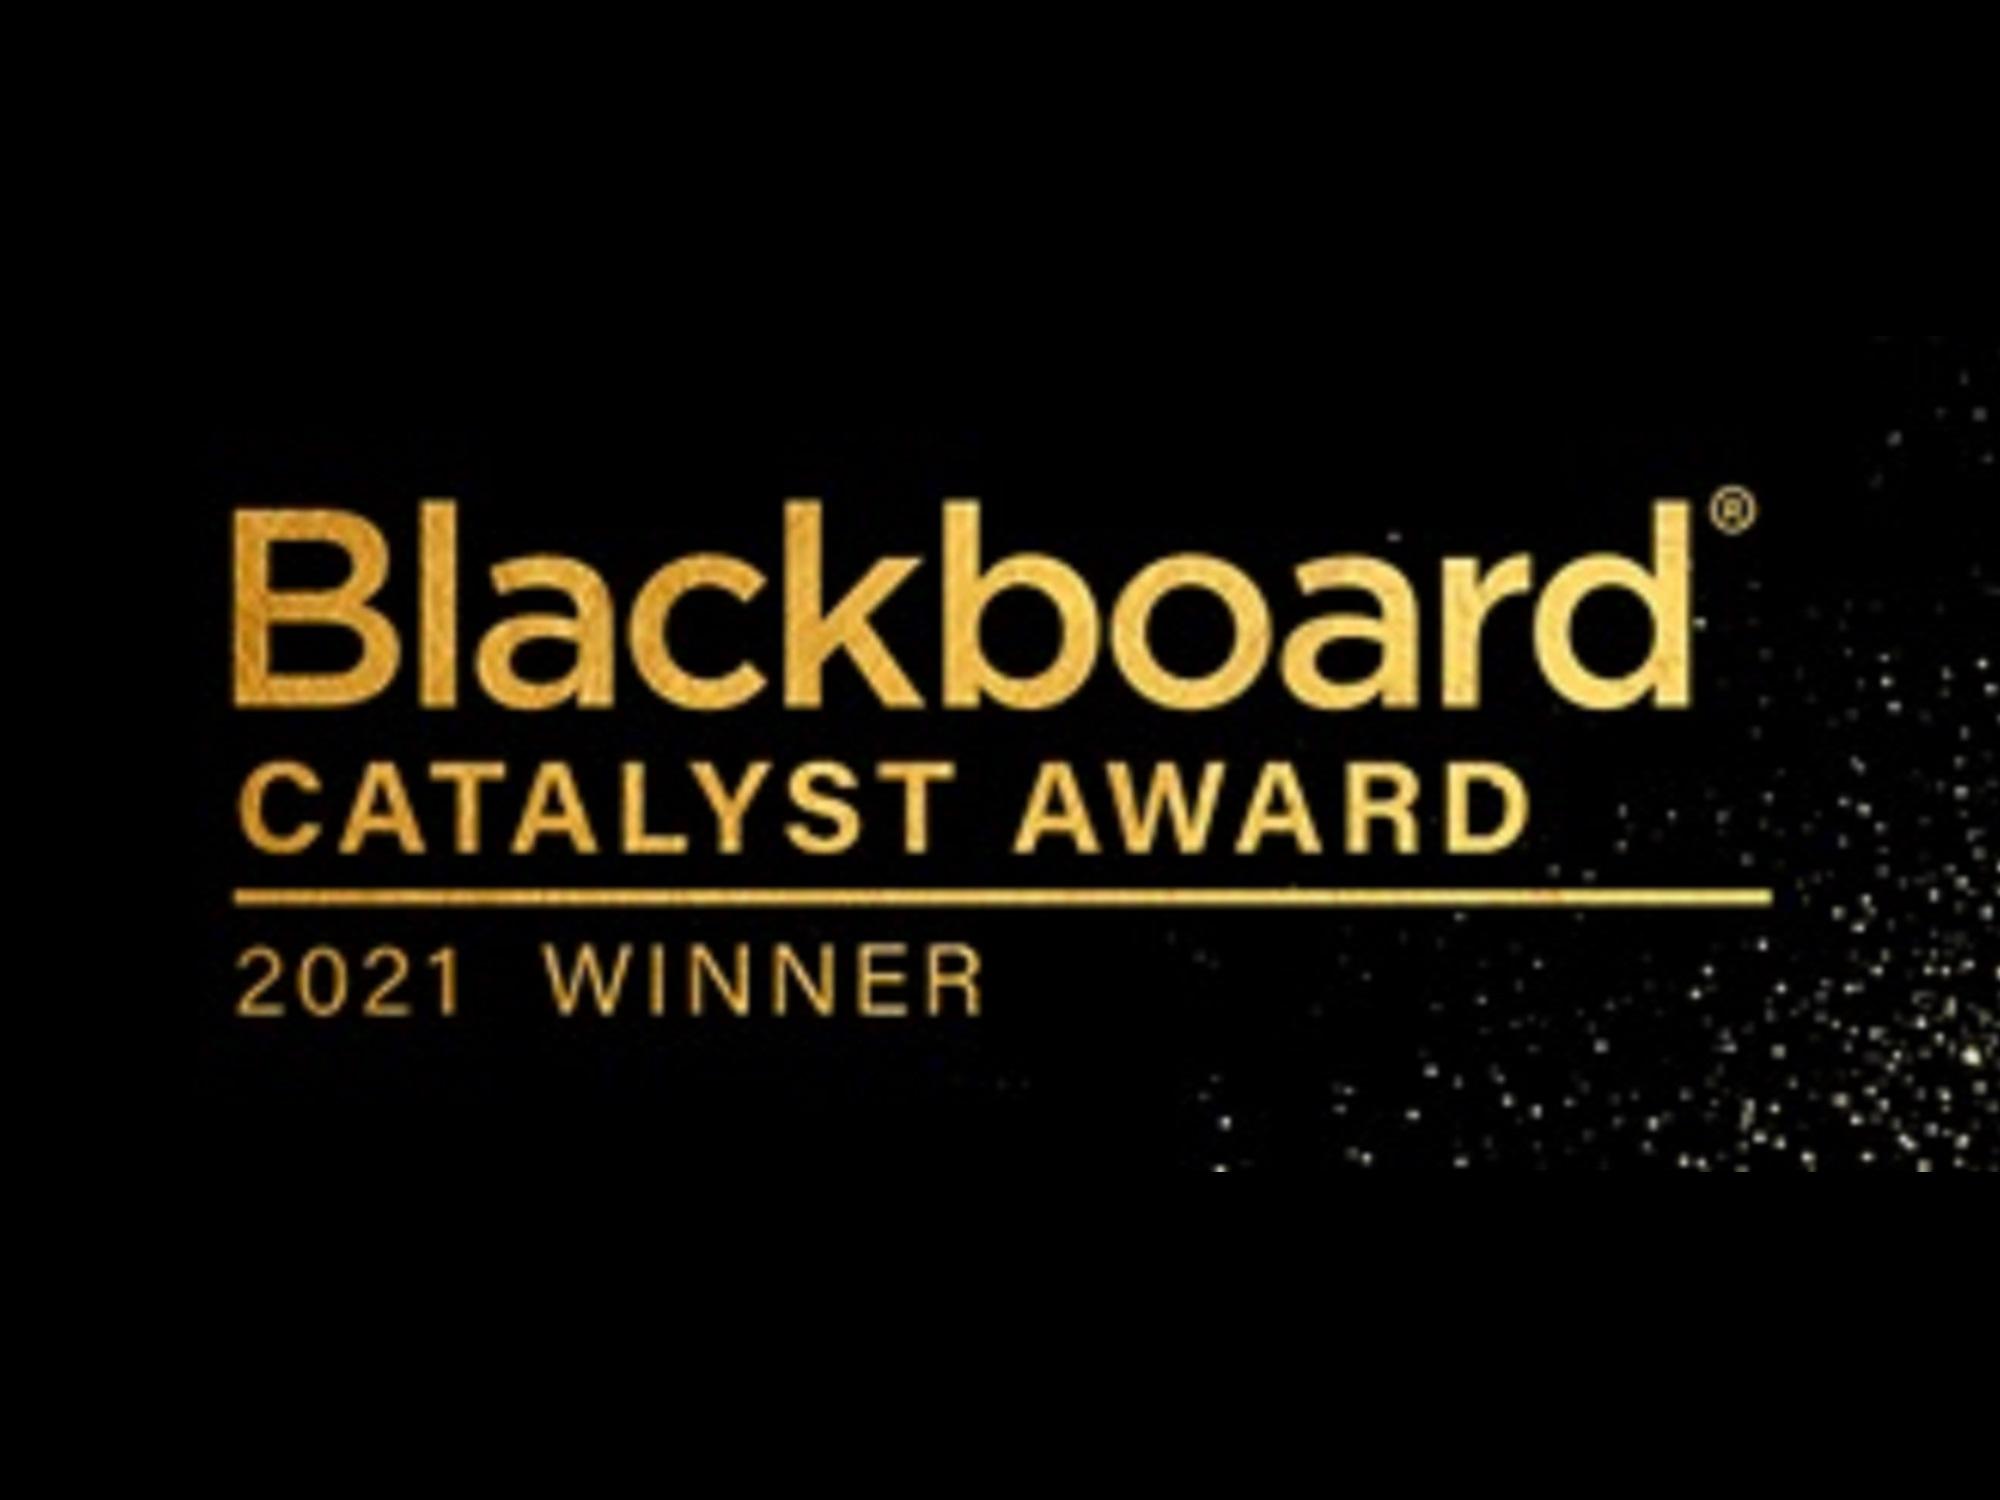 Blackboard Catalyst Award winners logo